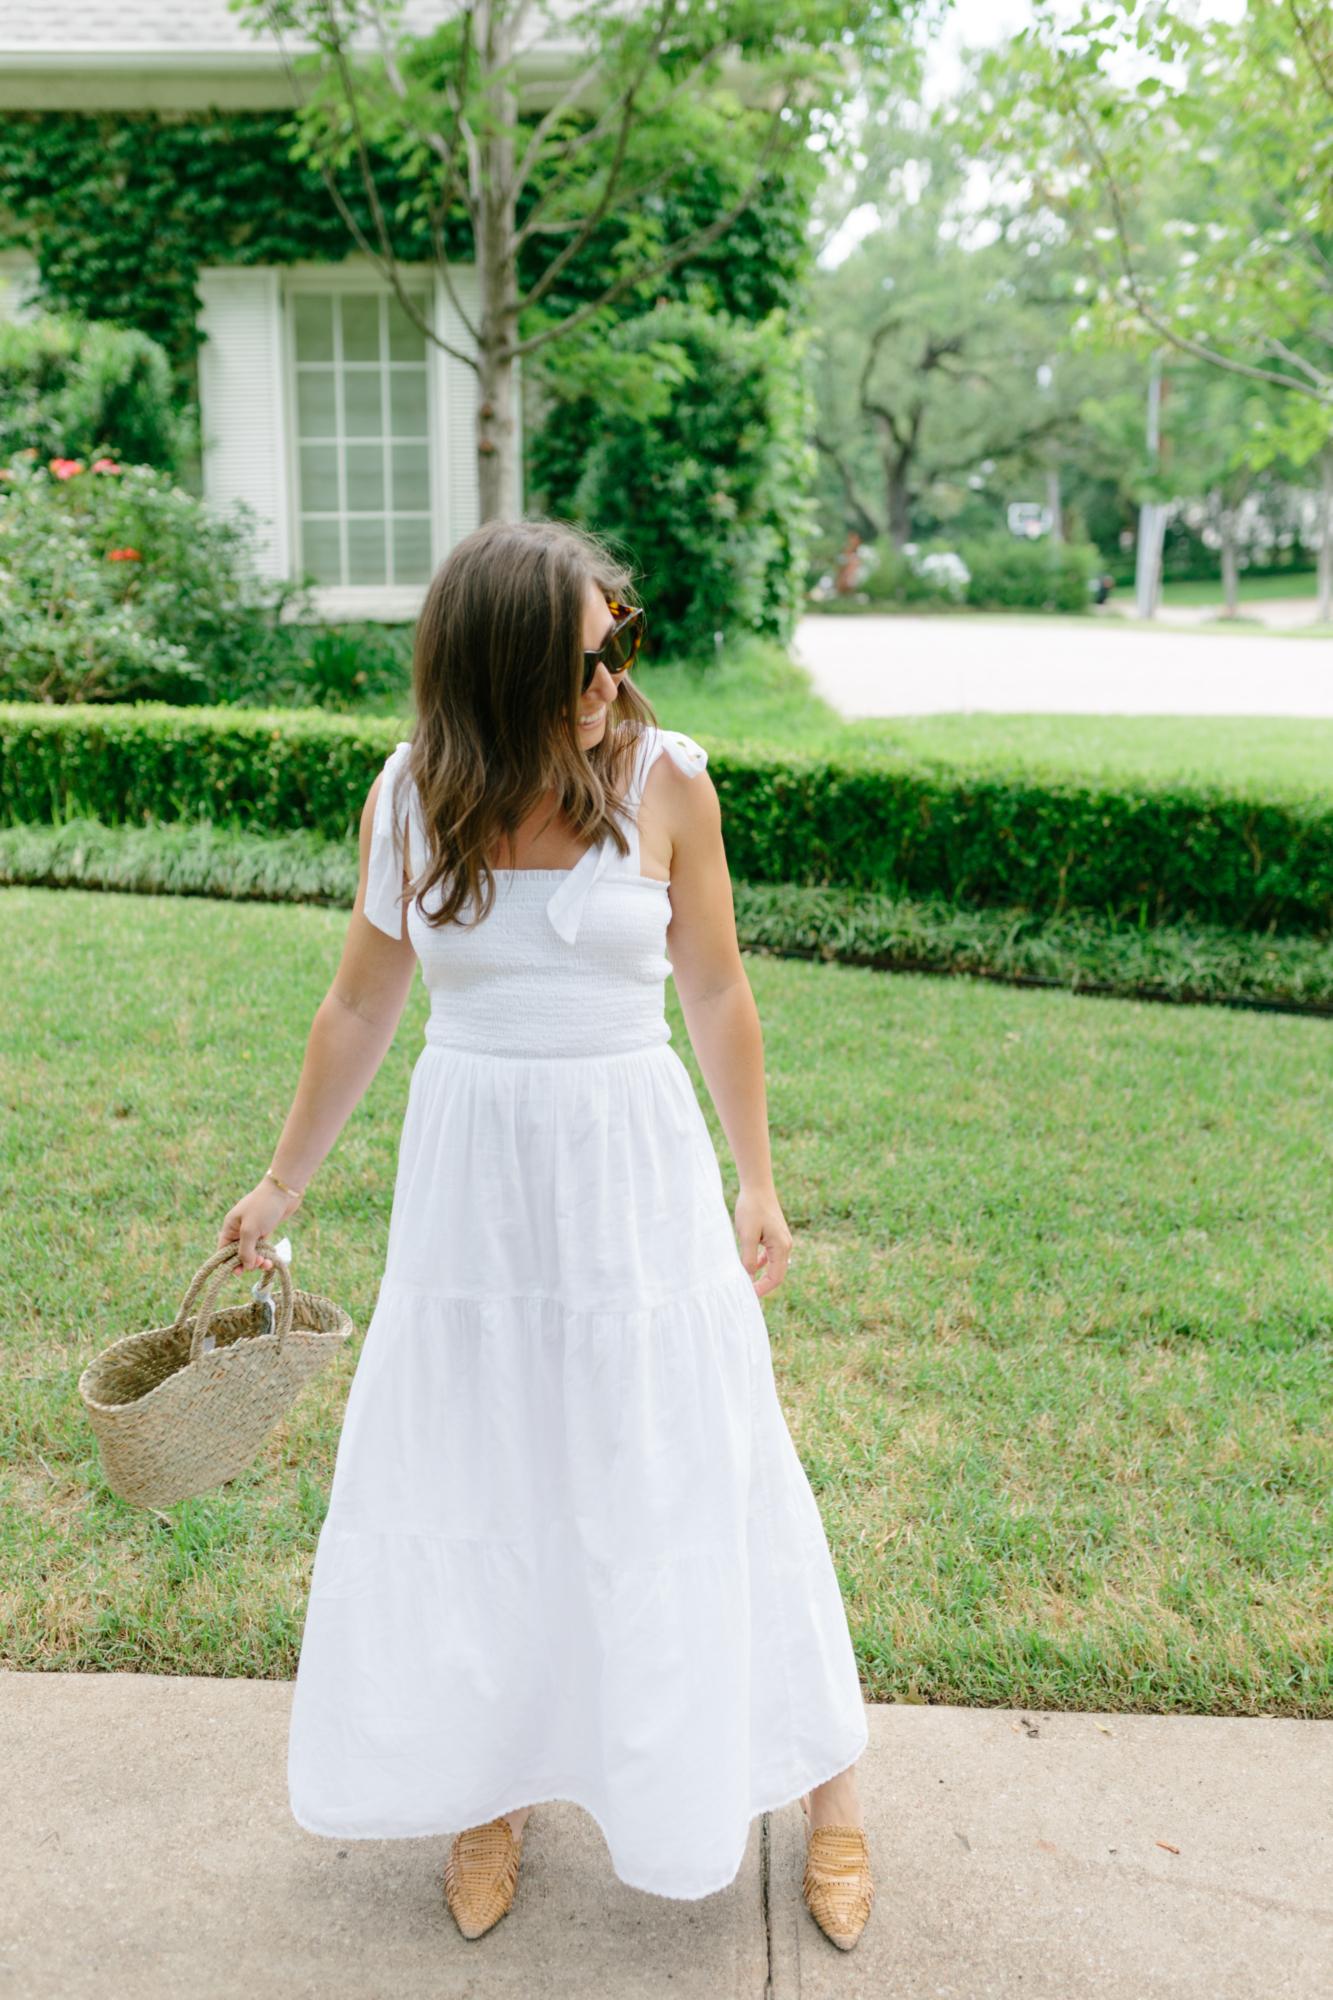 Artizia White Dress